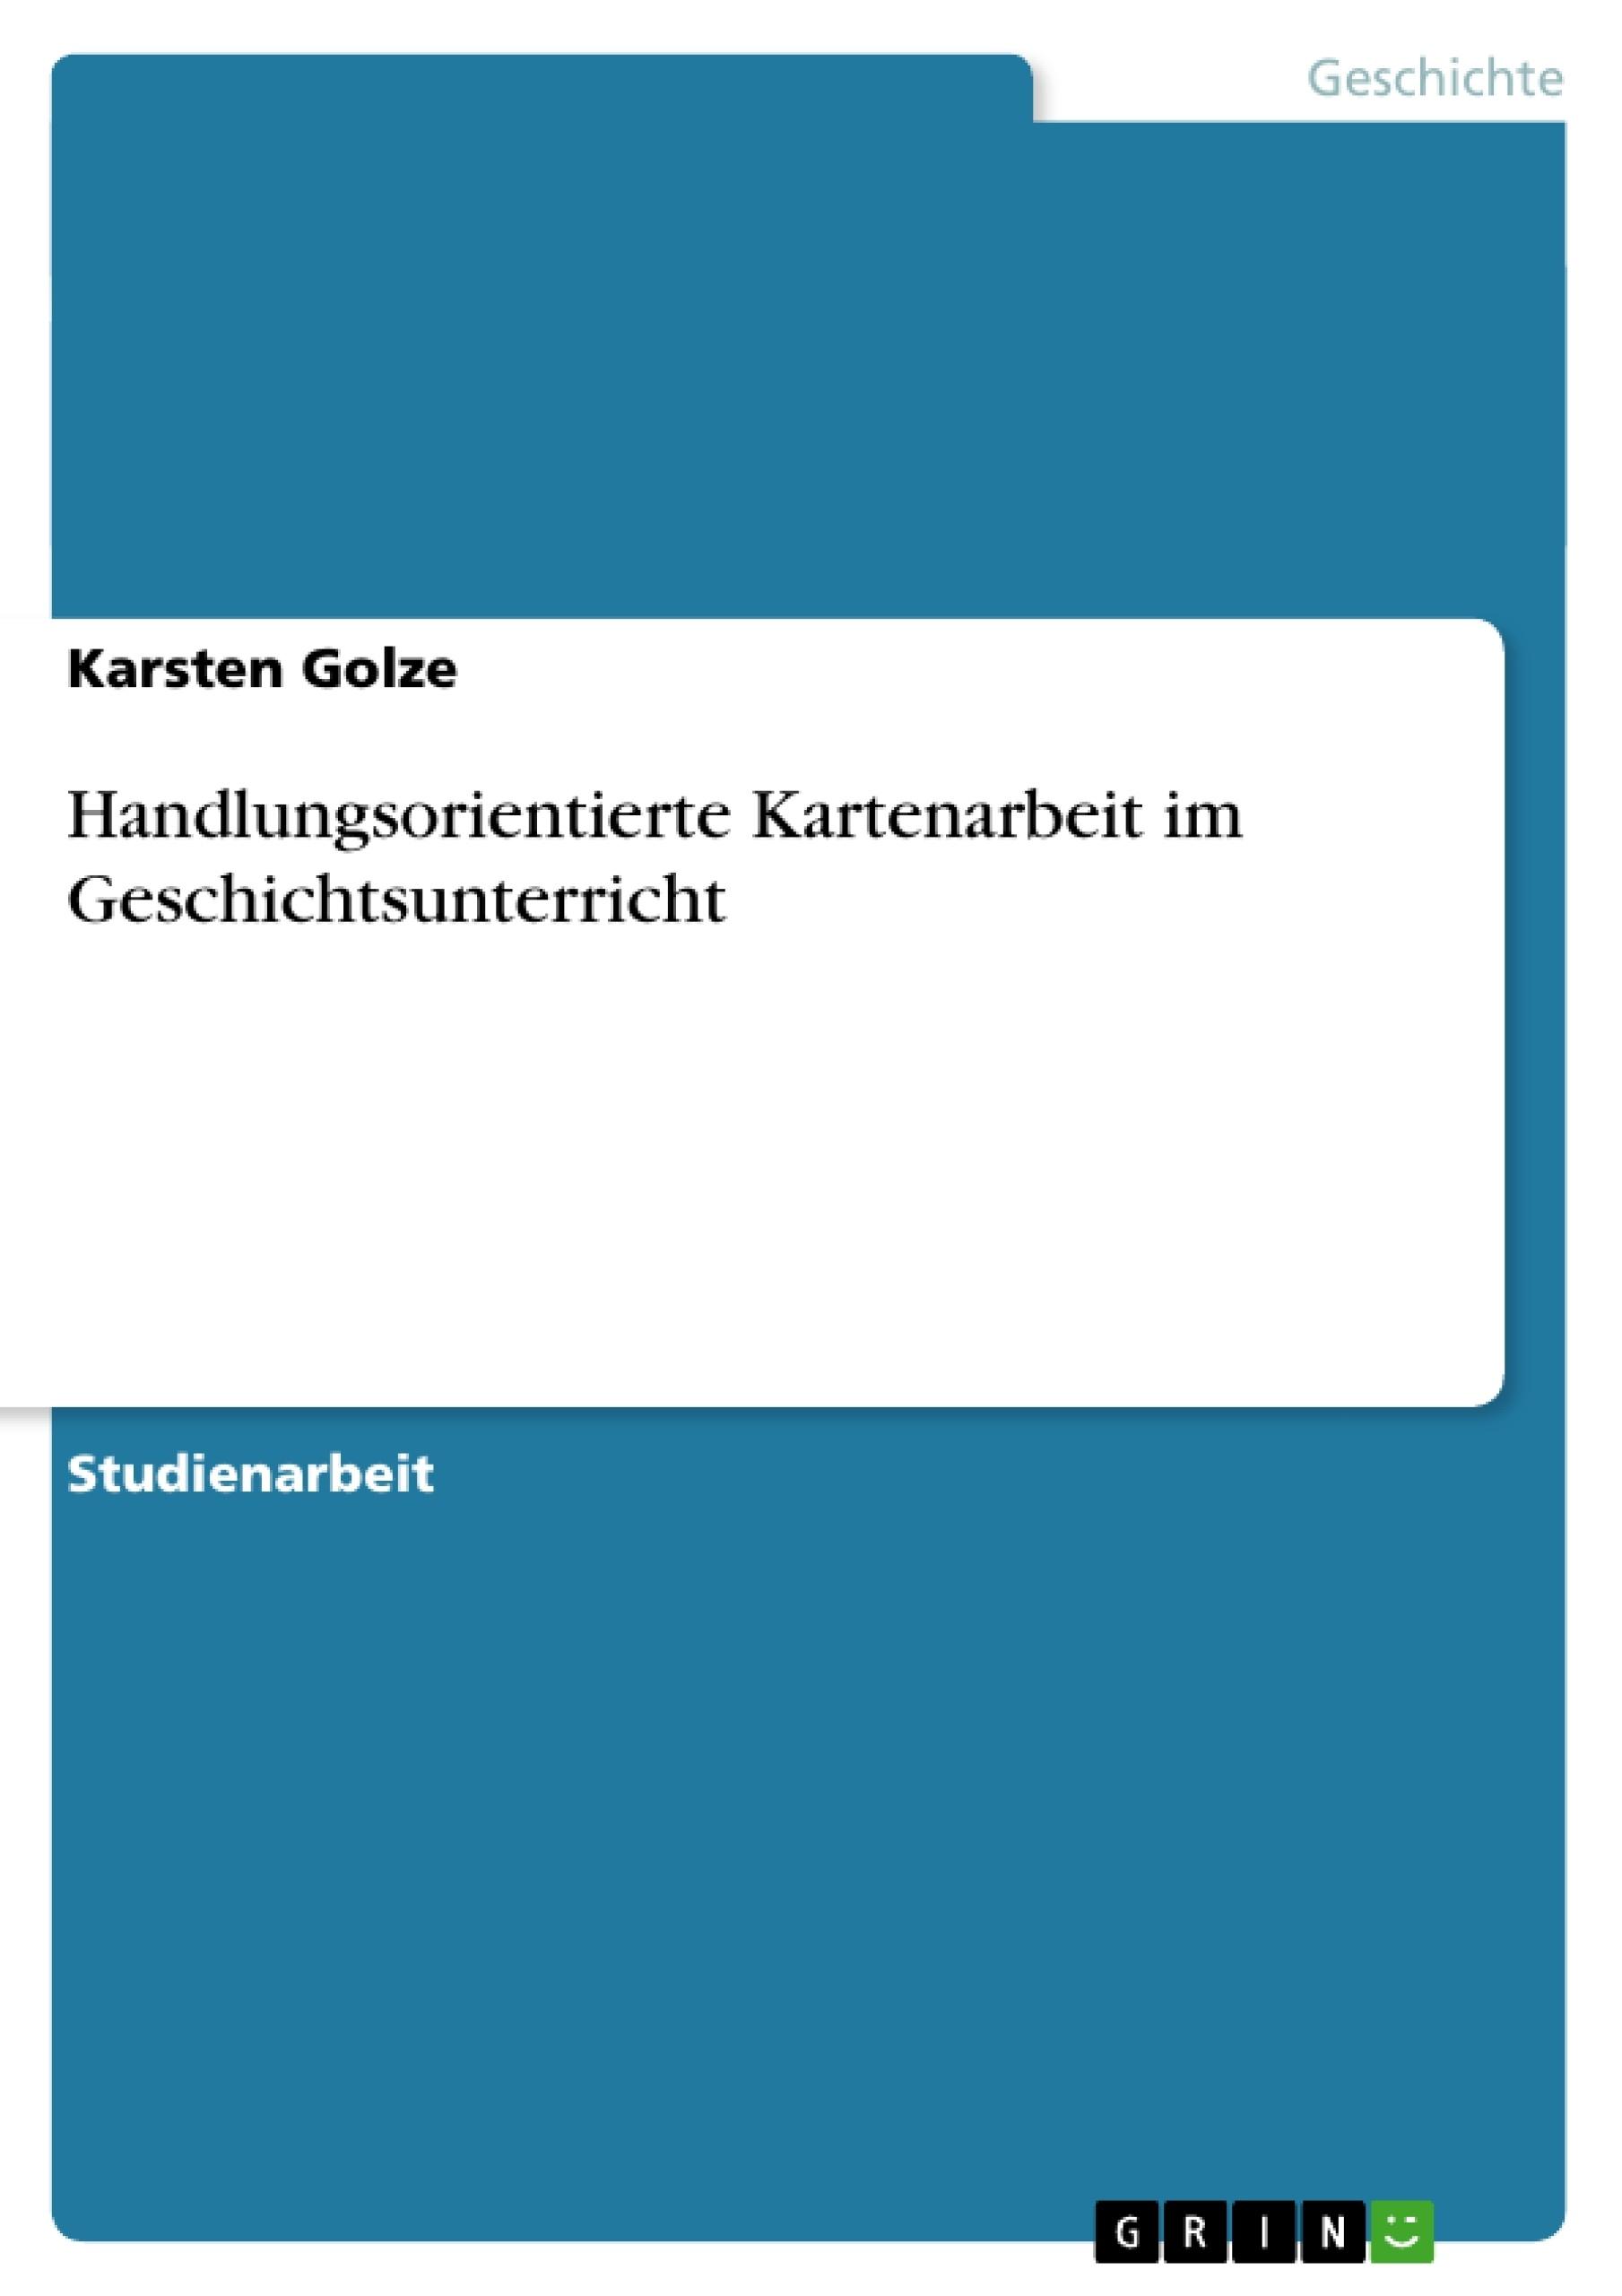 Titel: Handlungsorientierte Kartenarbeit im Geschichtsunterricht